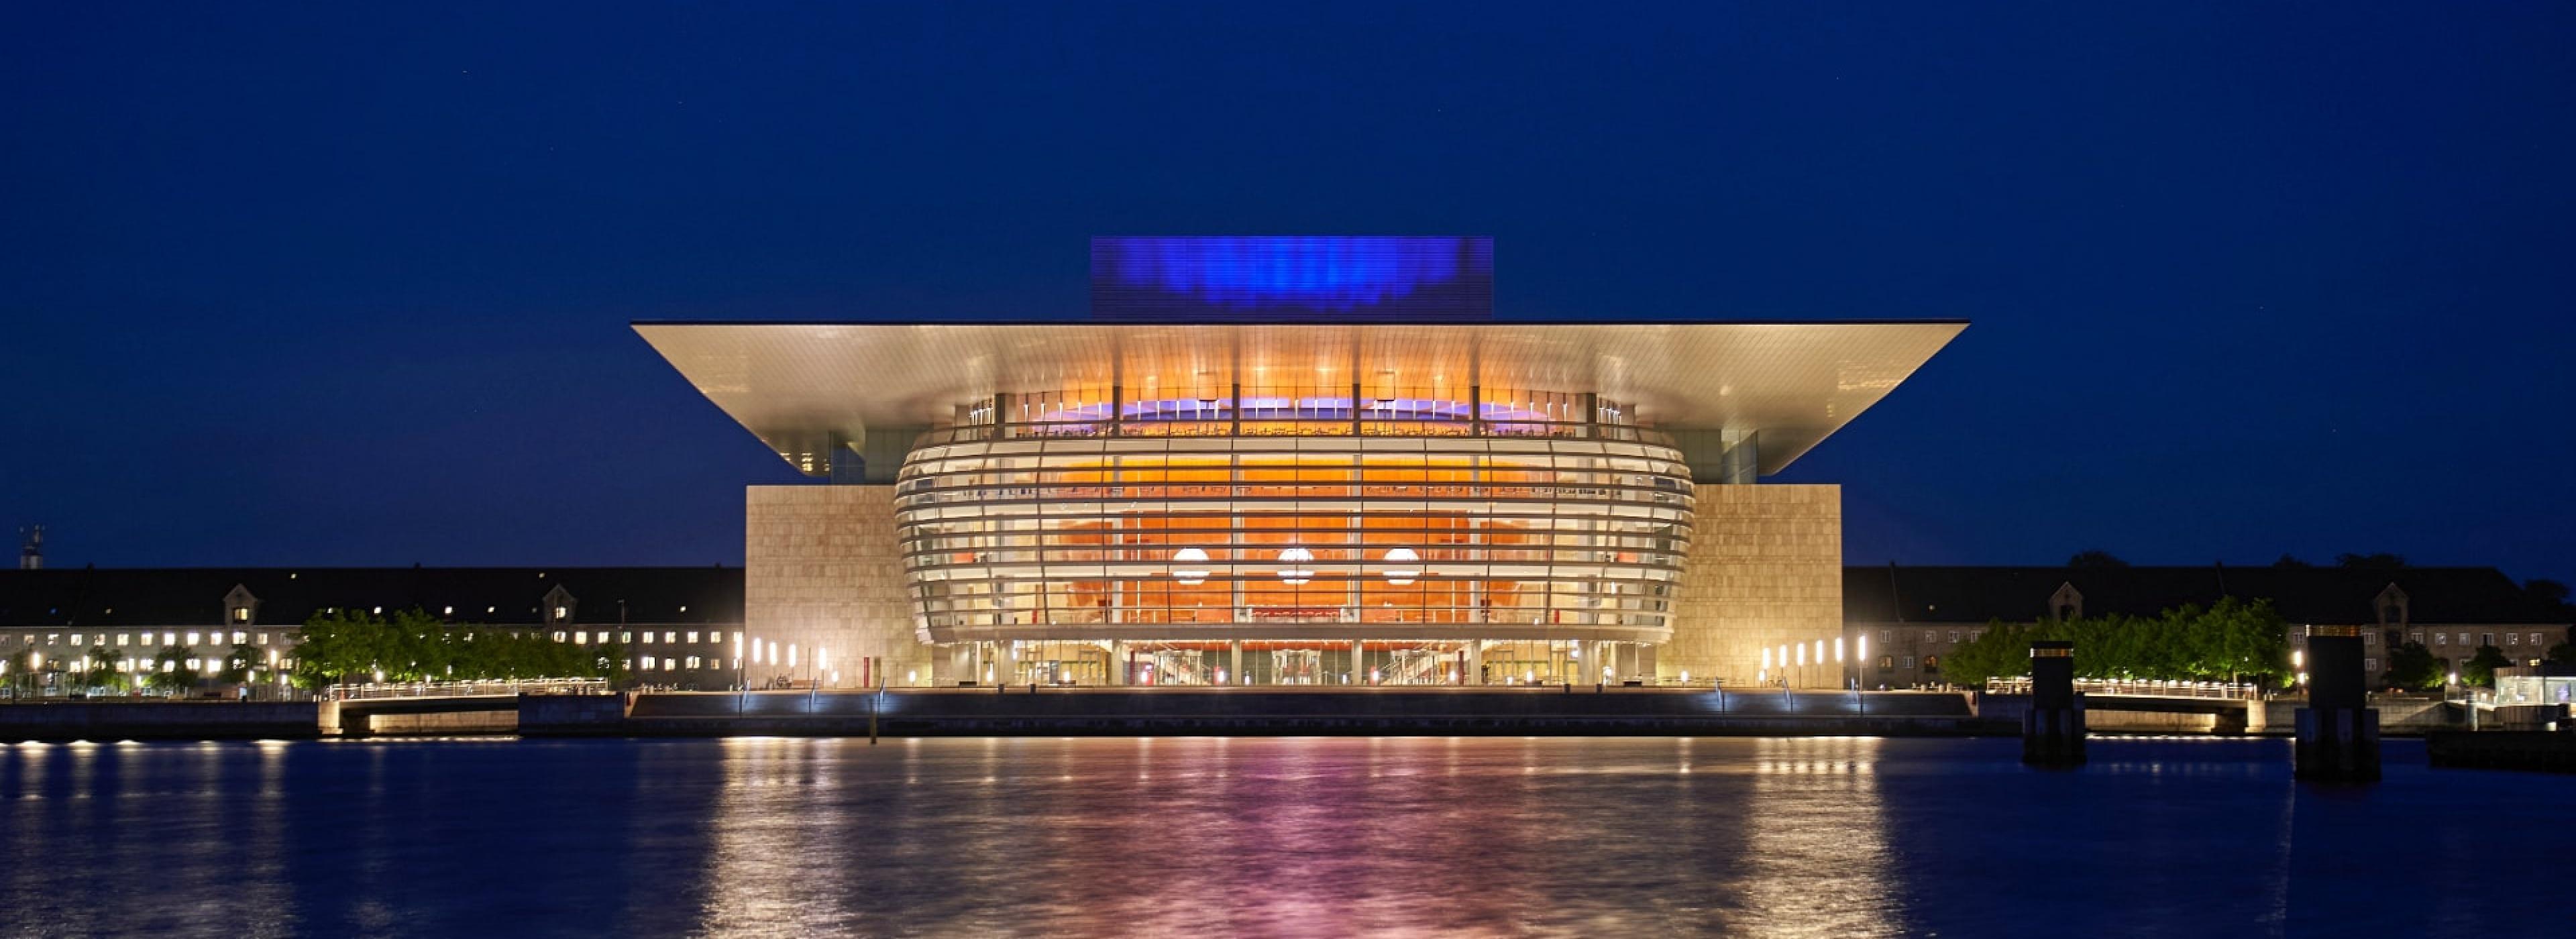 Copenhagen Opera, Denmark